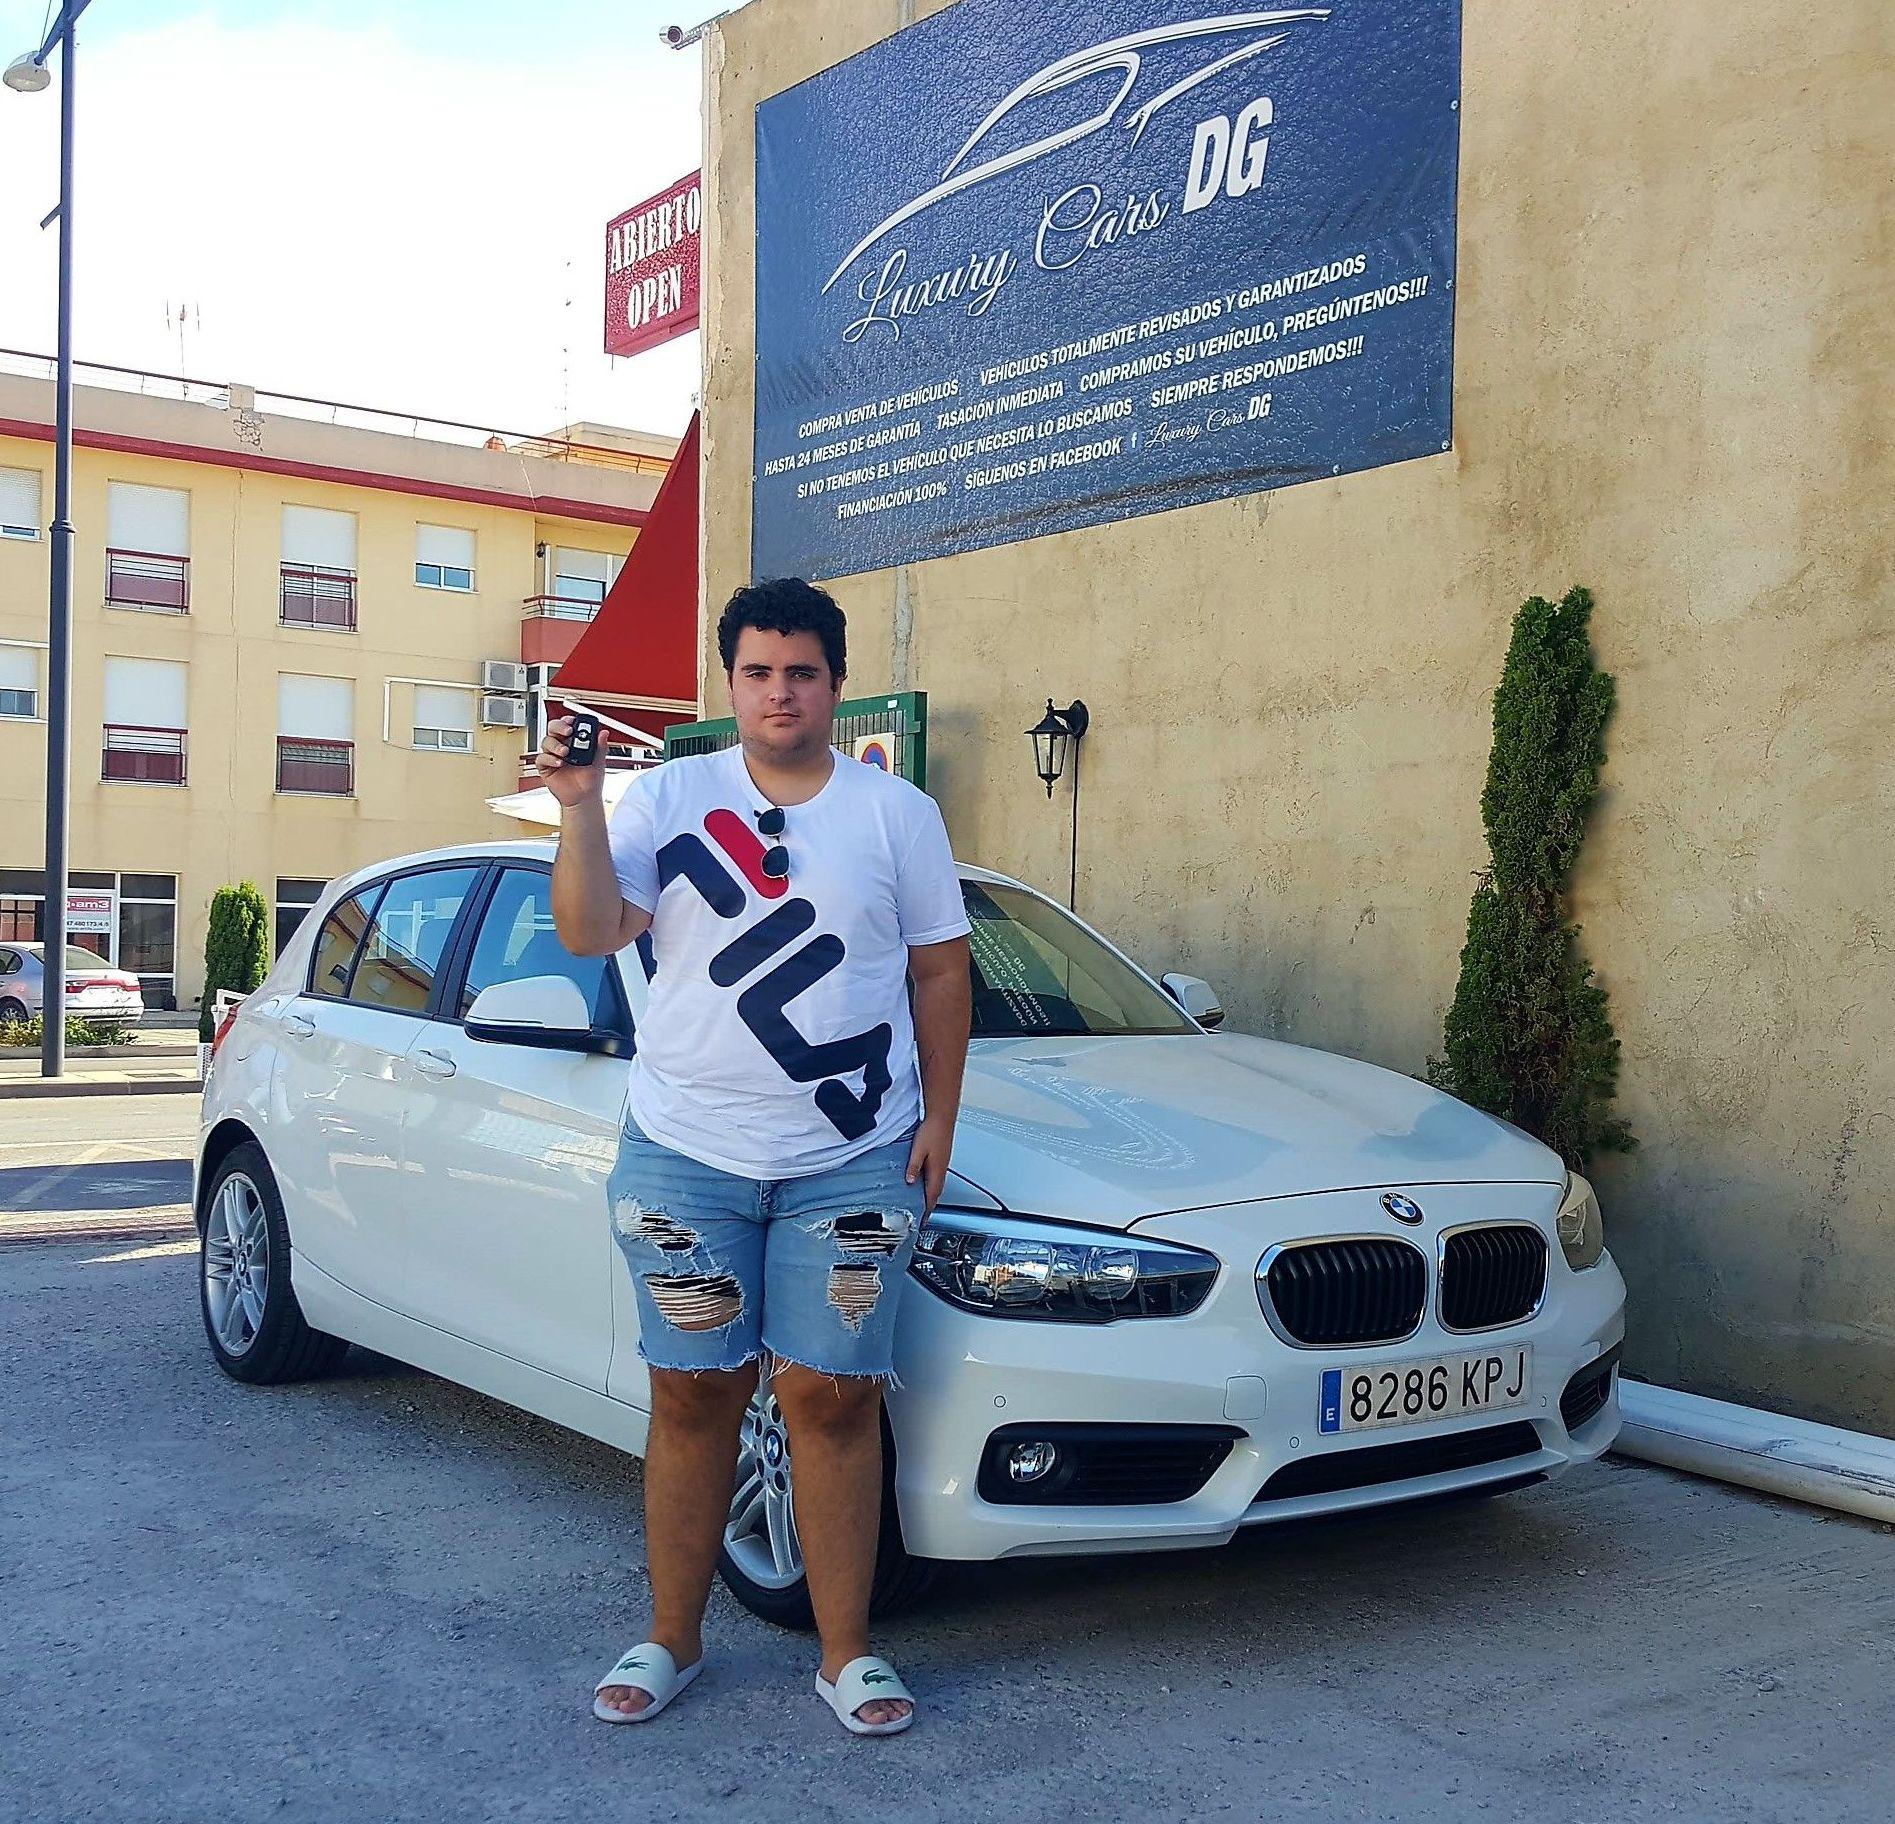 Foto 9 de Compraventa de automóviles en Vera | Luxury Cars DG